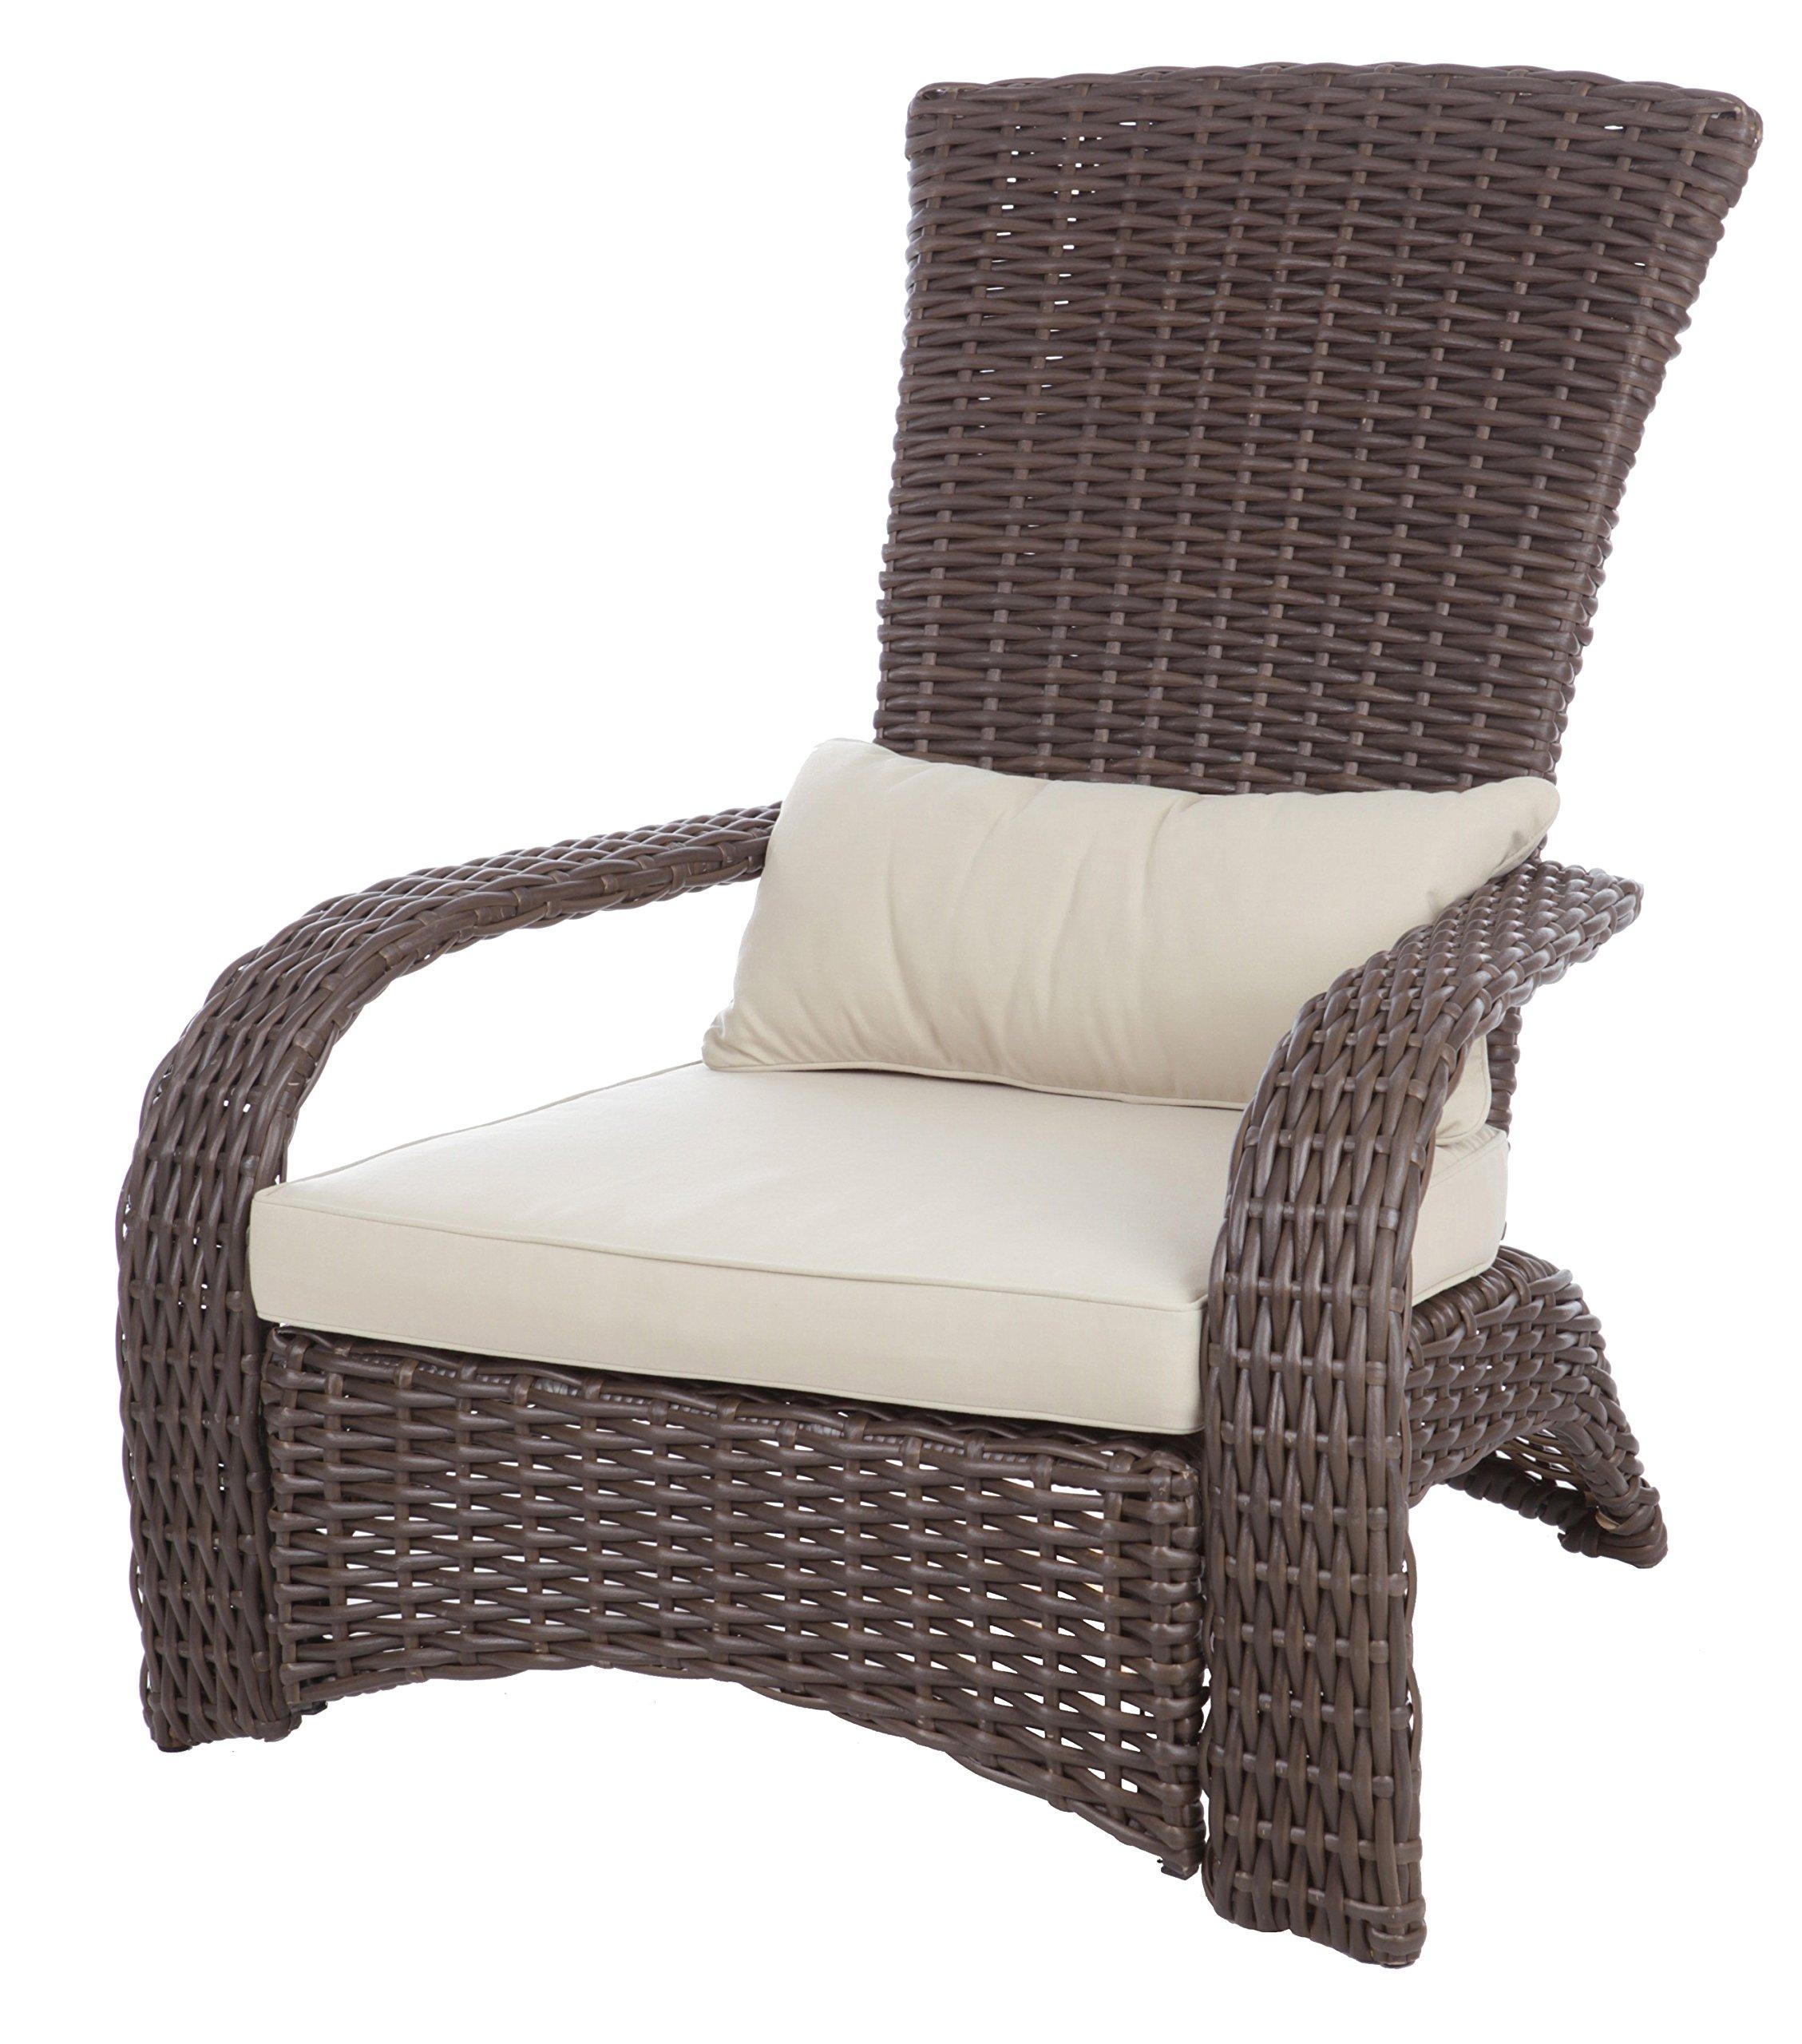 Fire Sense 62172 Deluxe Coconino Wicker Chair, Mocha by Fire Sense